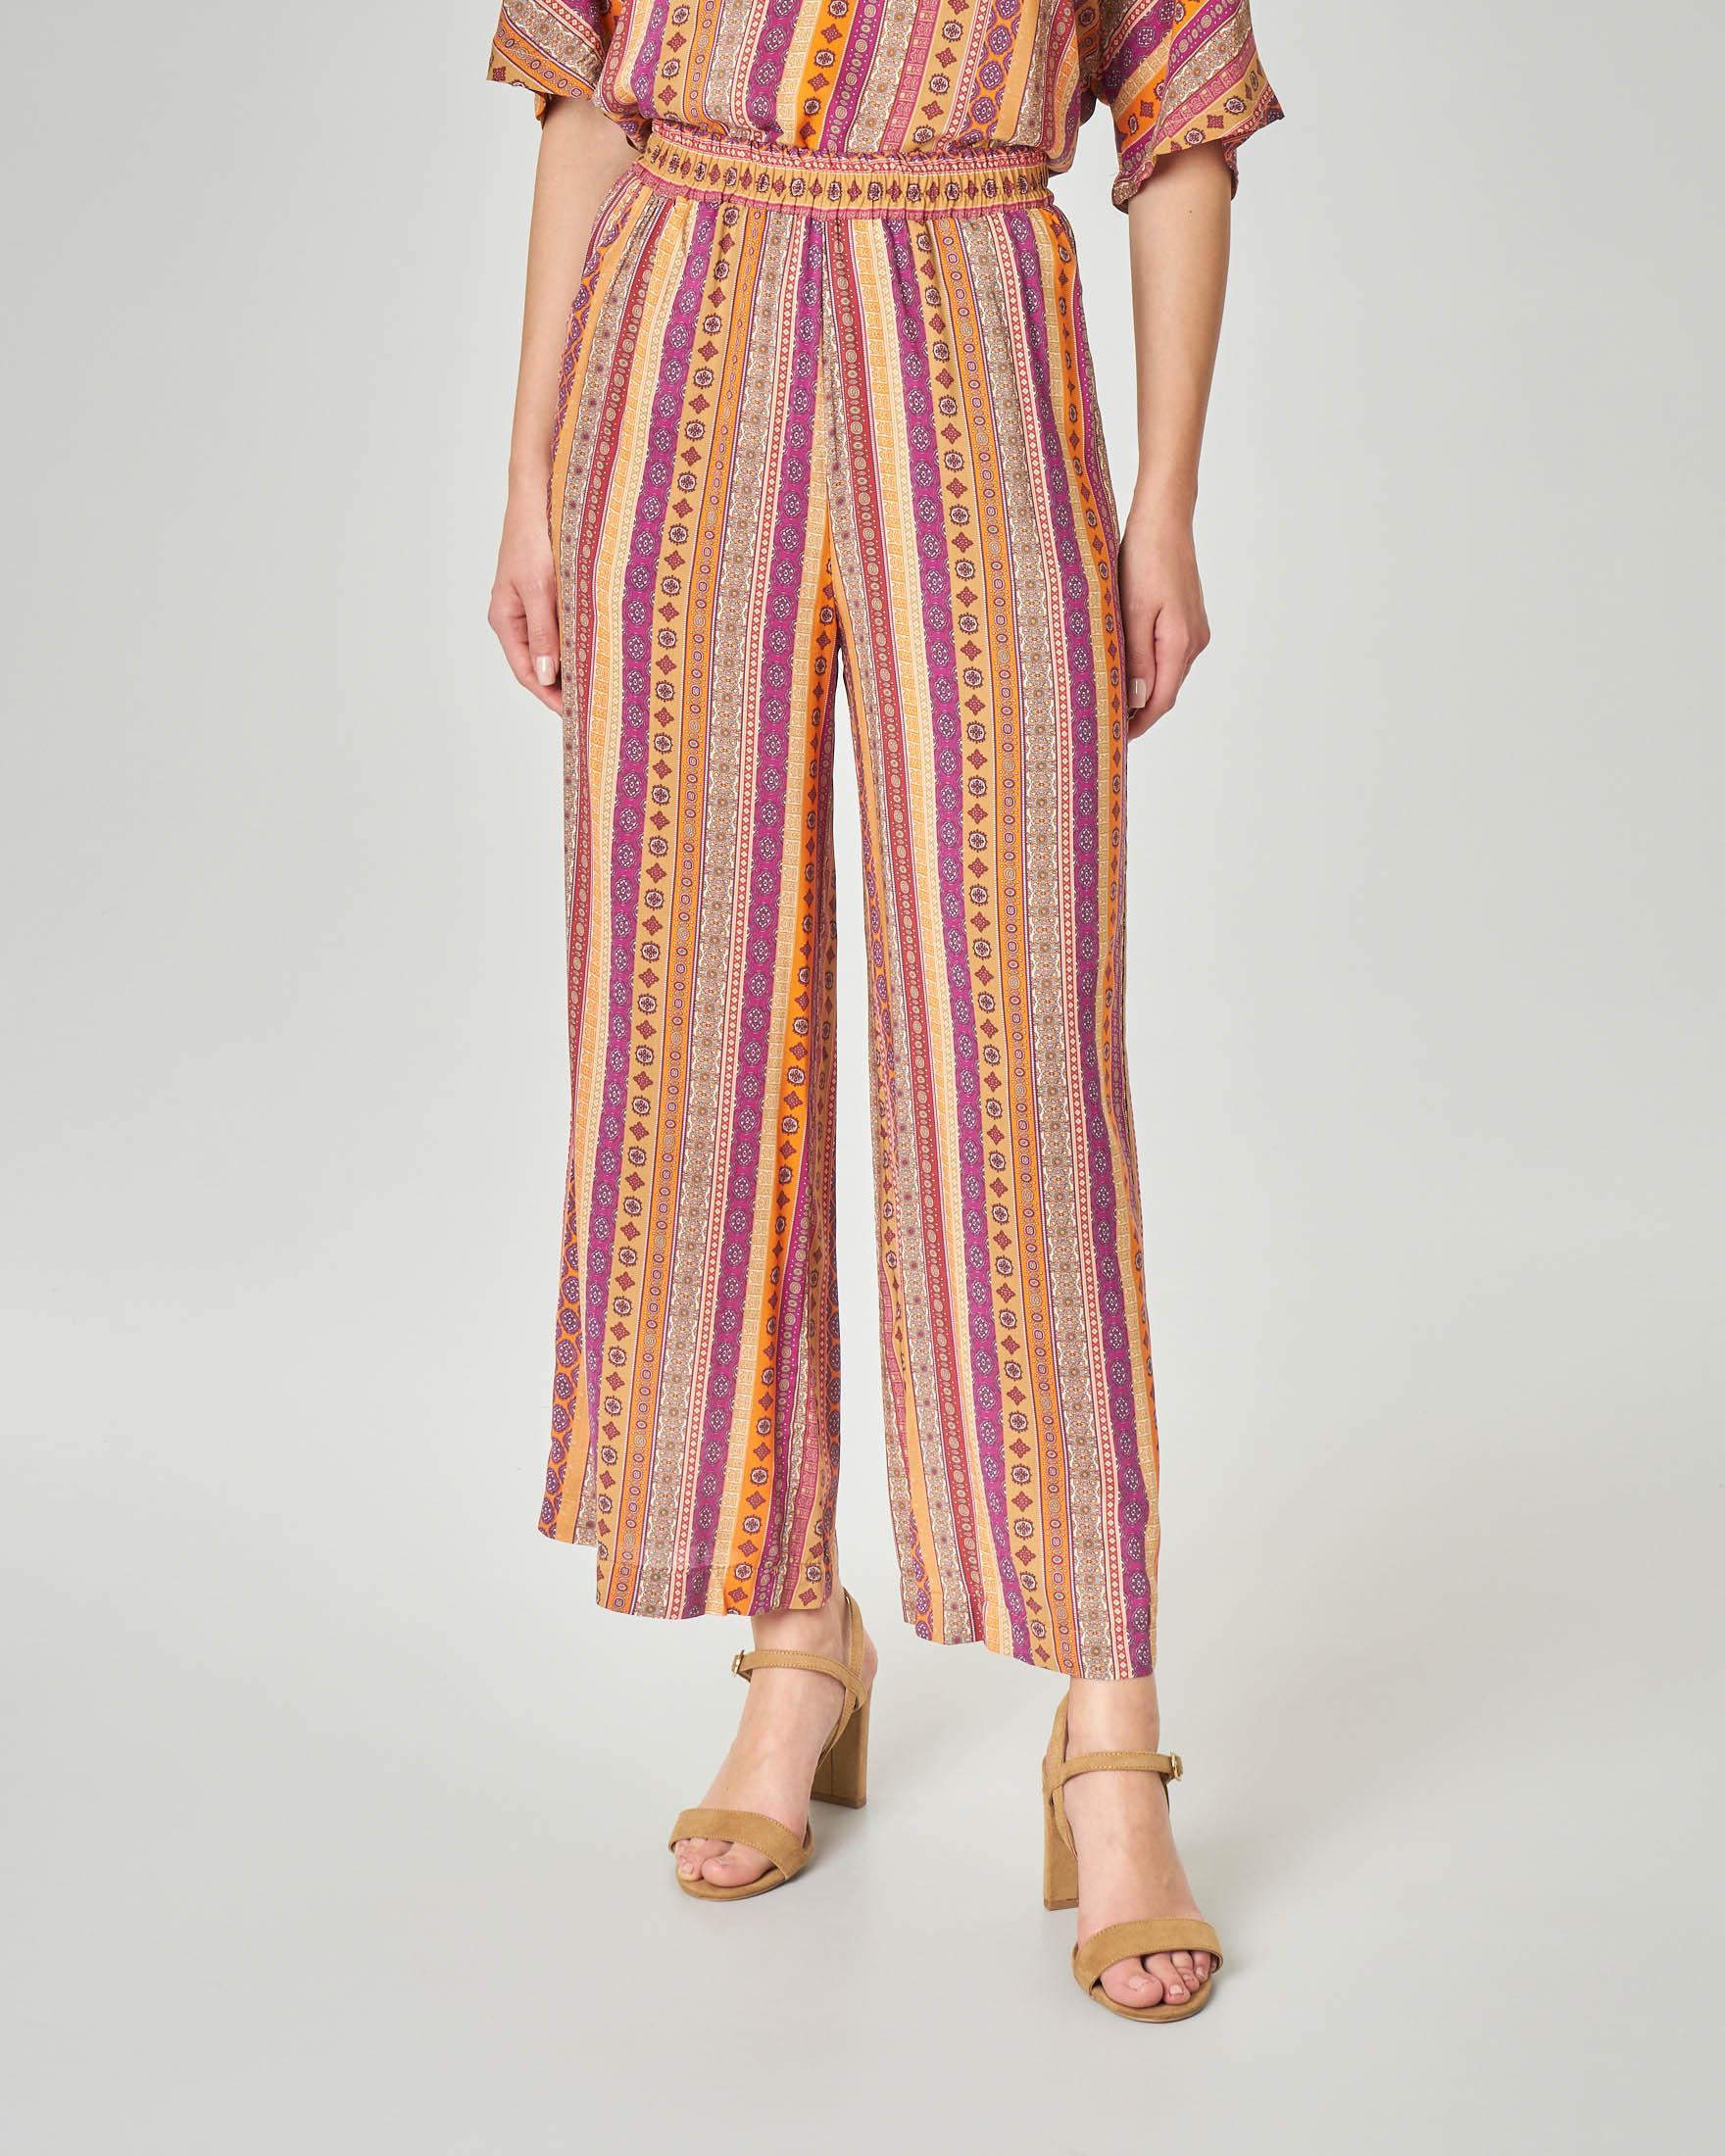 Pantaloni culotte in viscosa con stampa disegni stile India arancioni e bordeaux